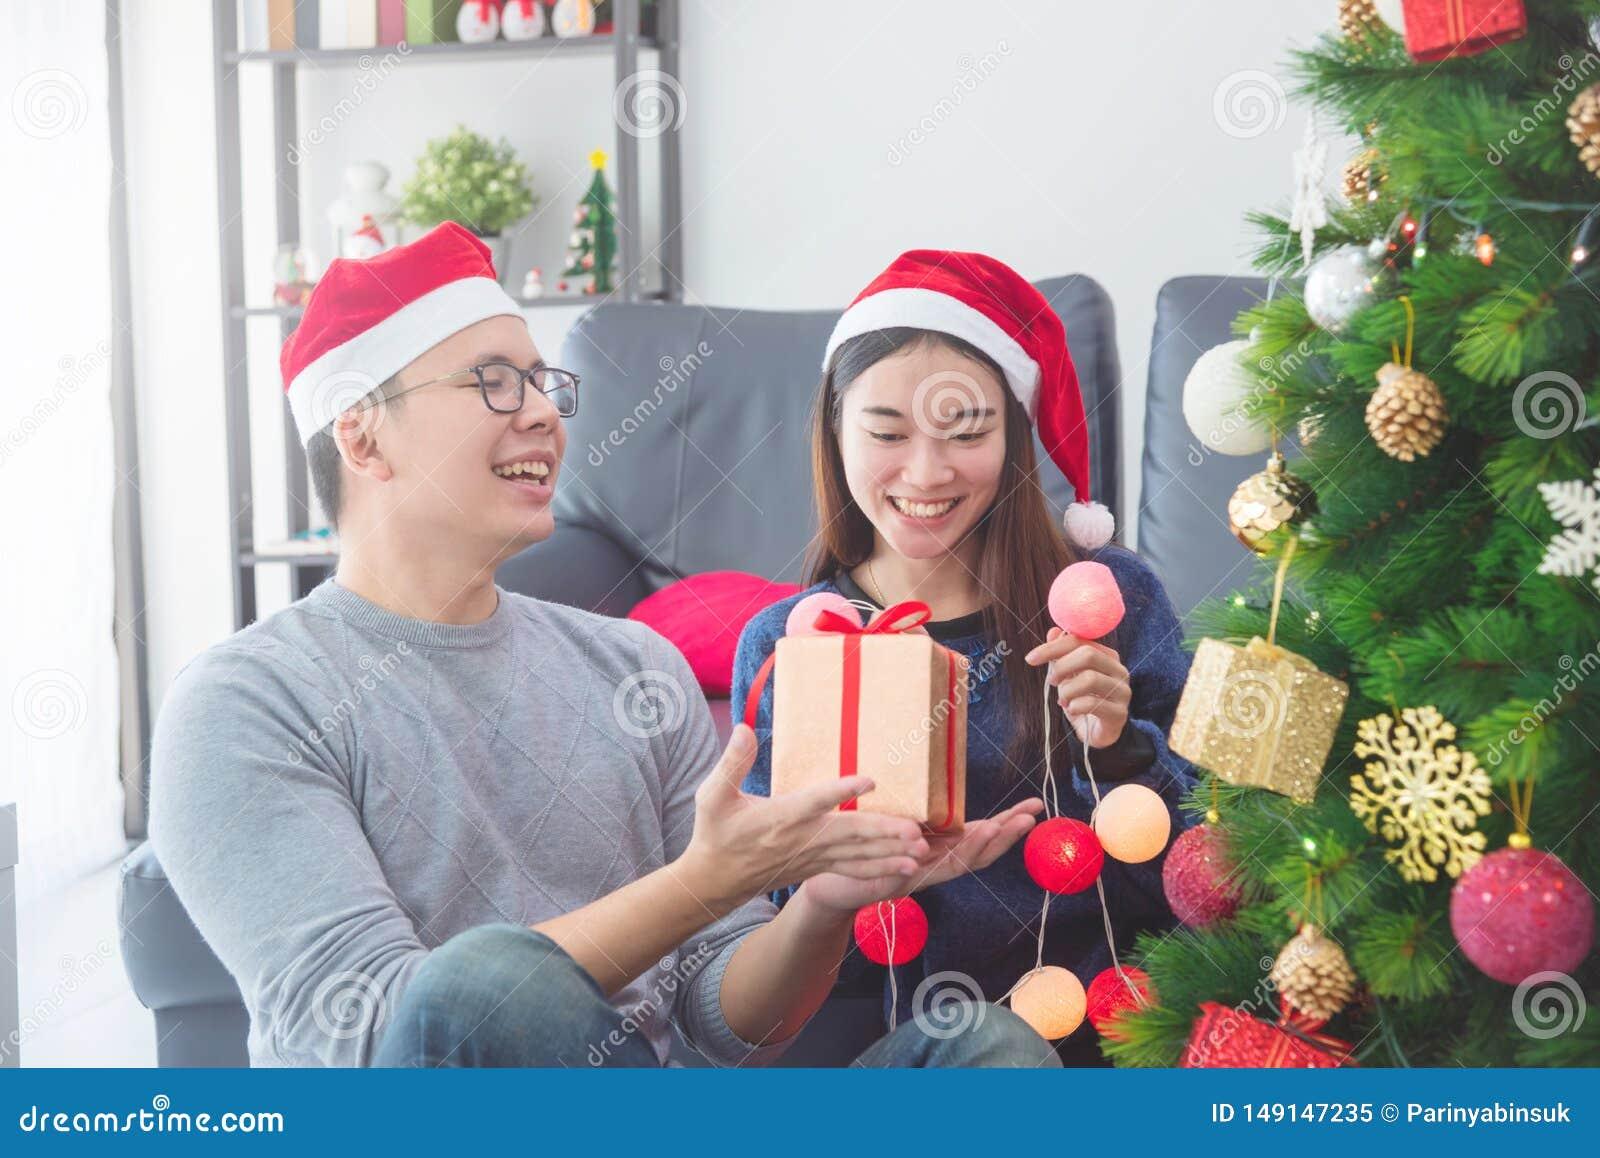 有男朋友的女孩戴圣诞老人帽子在家装饰圣诞树的假日